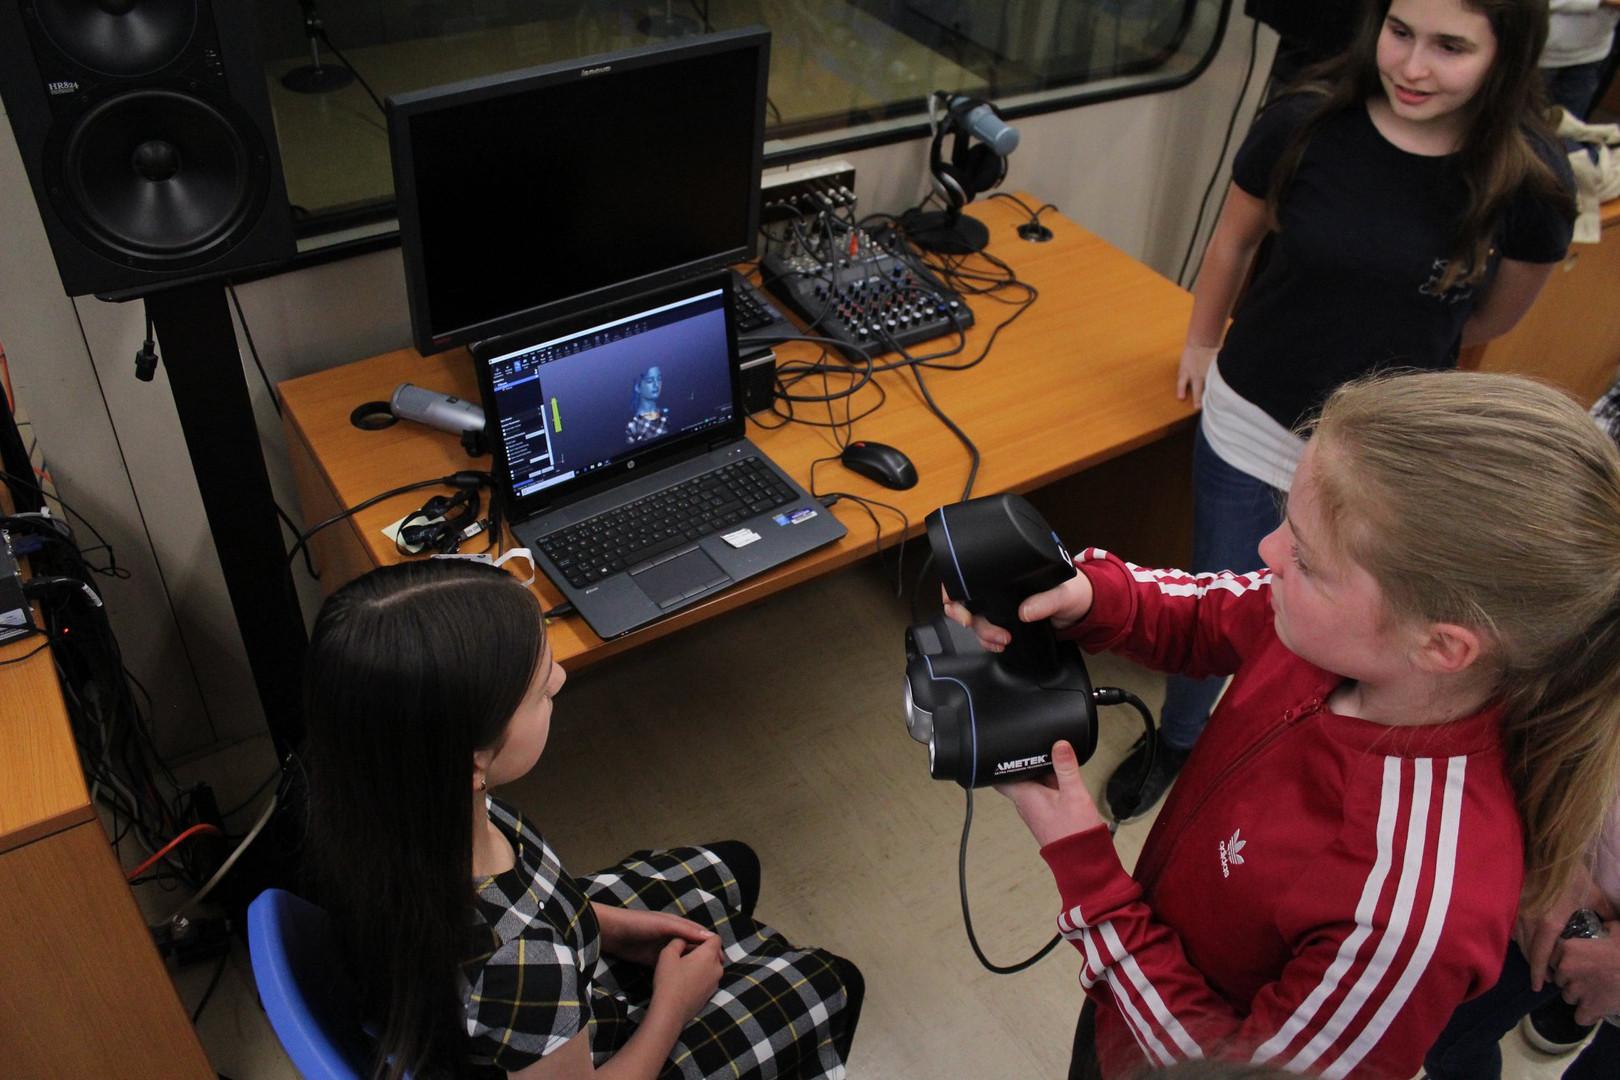 École secondaire Champagnat, Guillaume-Couture - Photo de jeux-vidéo